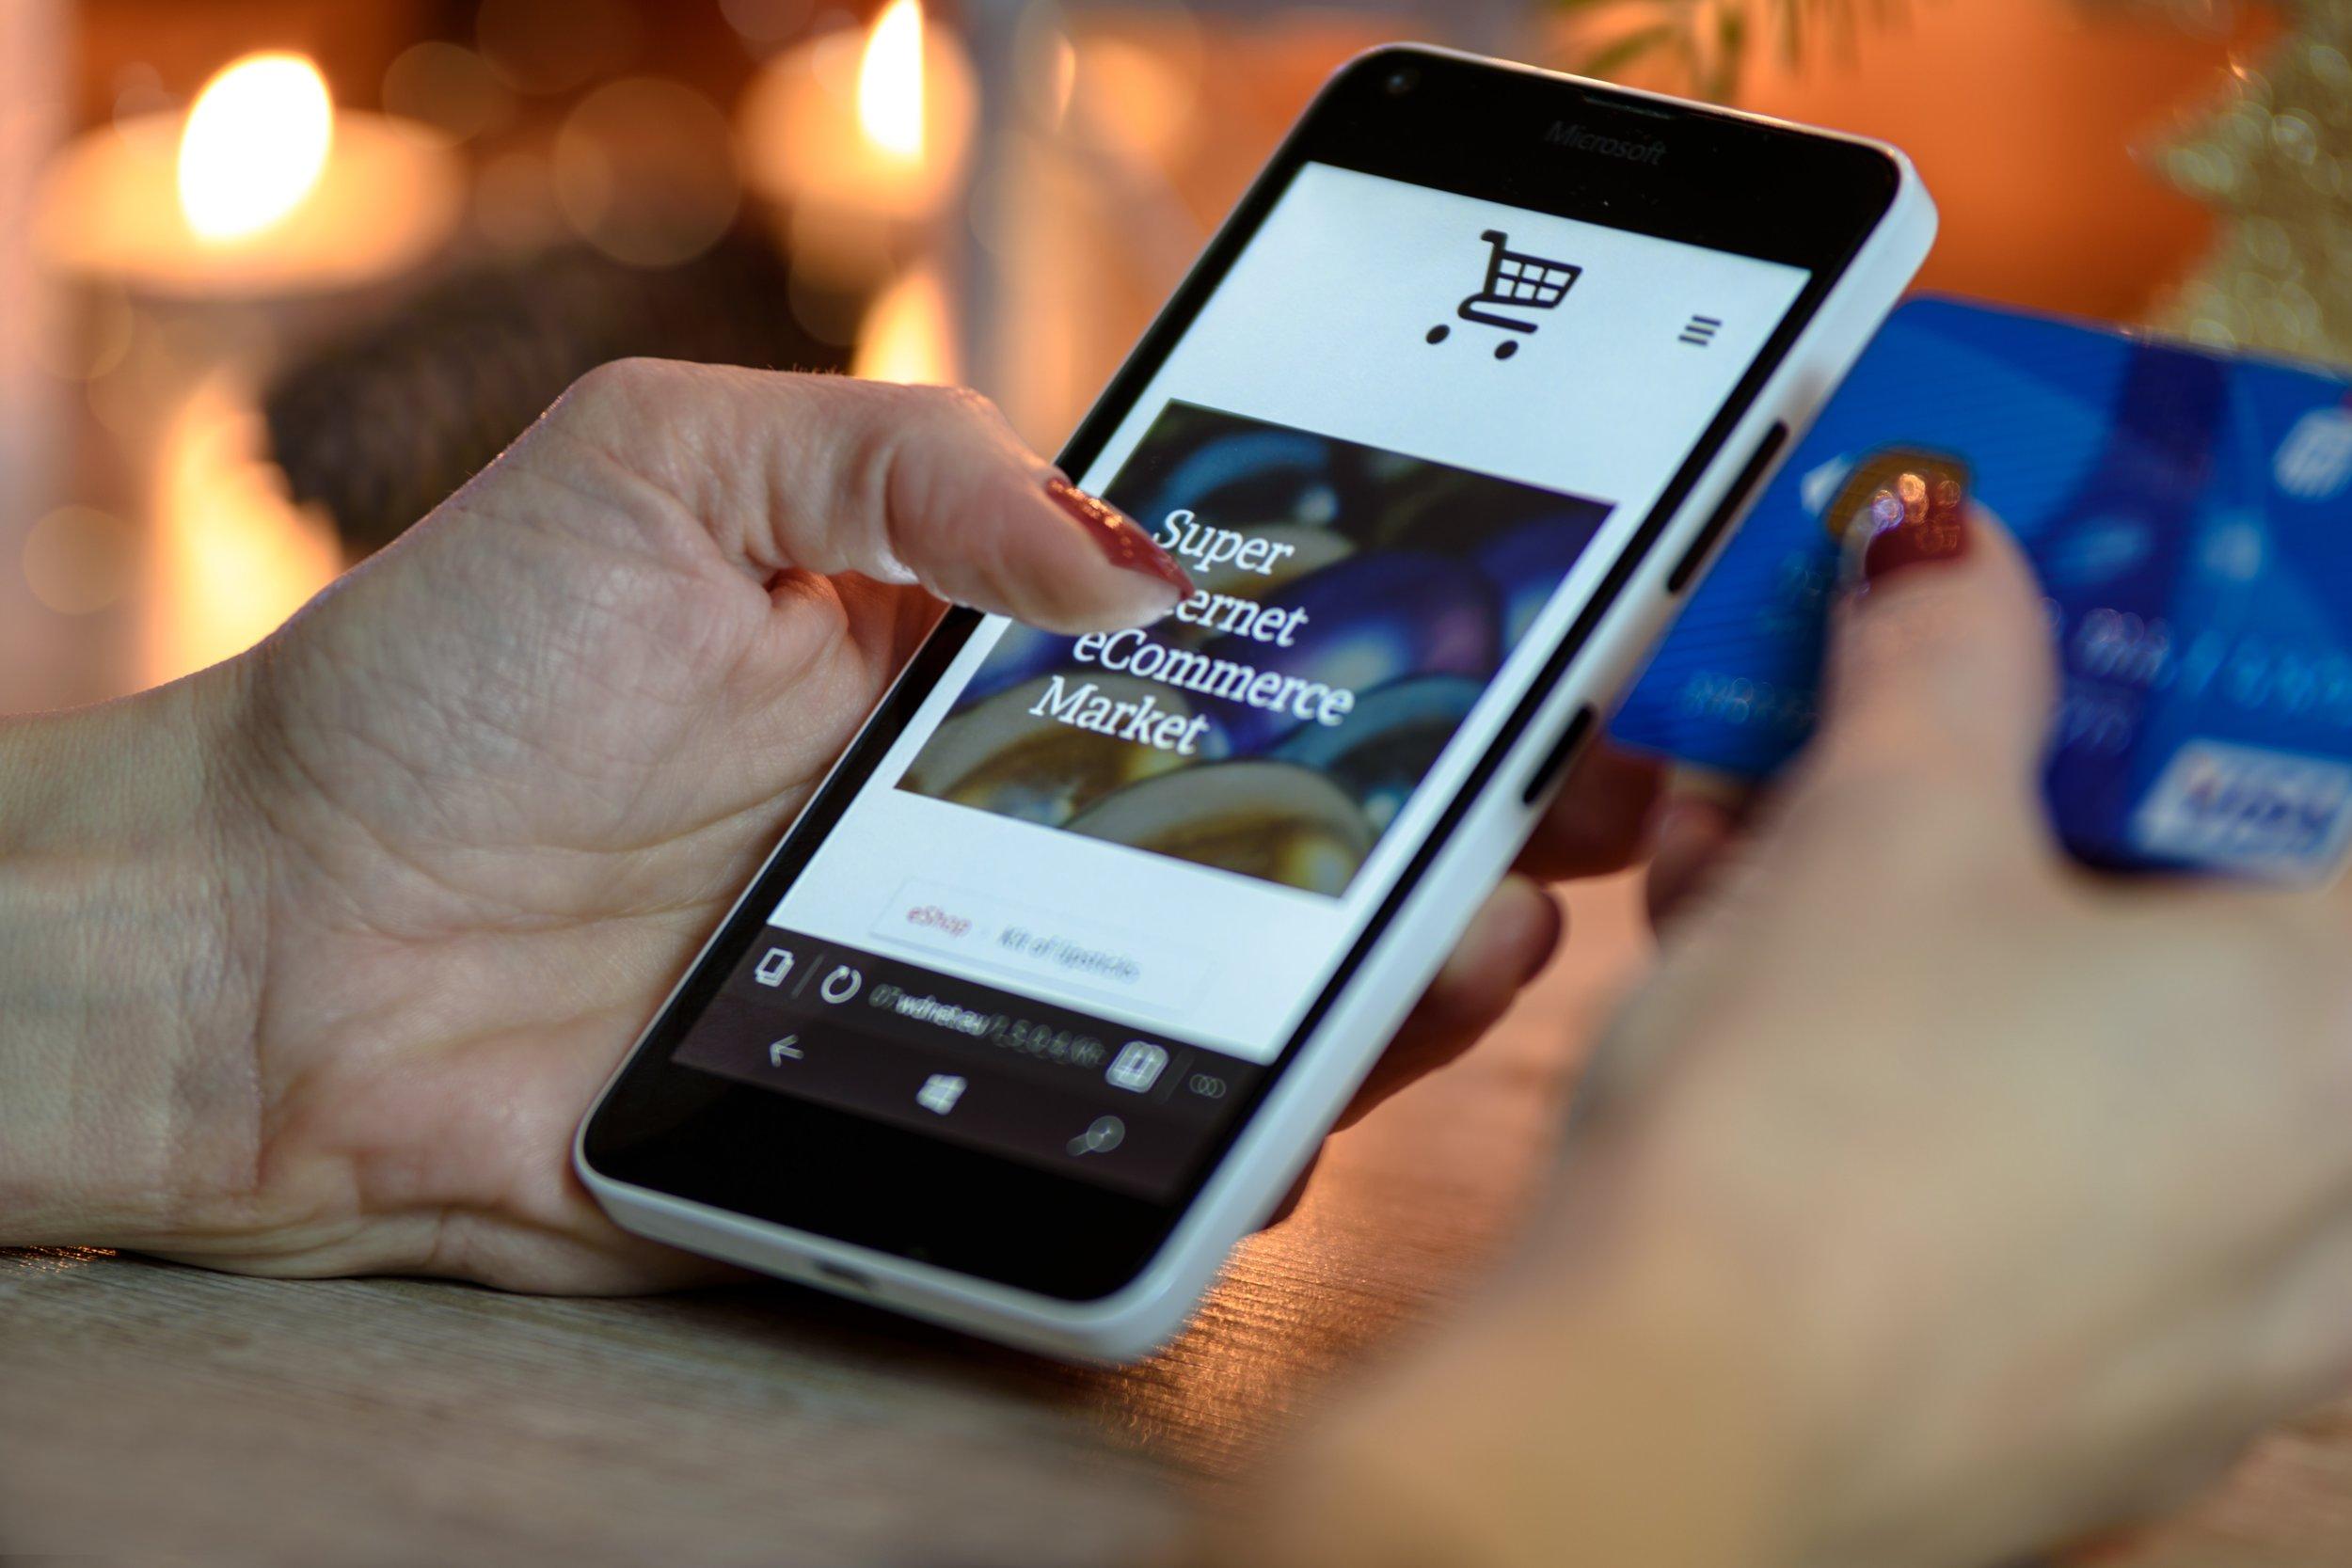 commerce - 国内外の業界ノウハウと最新のテクノロジー知見を集結し、自社チャネルにおける「顧客体験」のデザインからオペレーション設計、プラットフォーム運用までを行います。デジタル・チャネルによる顧客ロイヤリティ獲得、それによる売上向上を実現する、コマースビジネスの構築をサポートします。